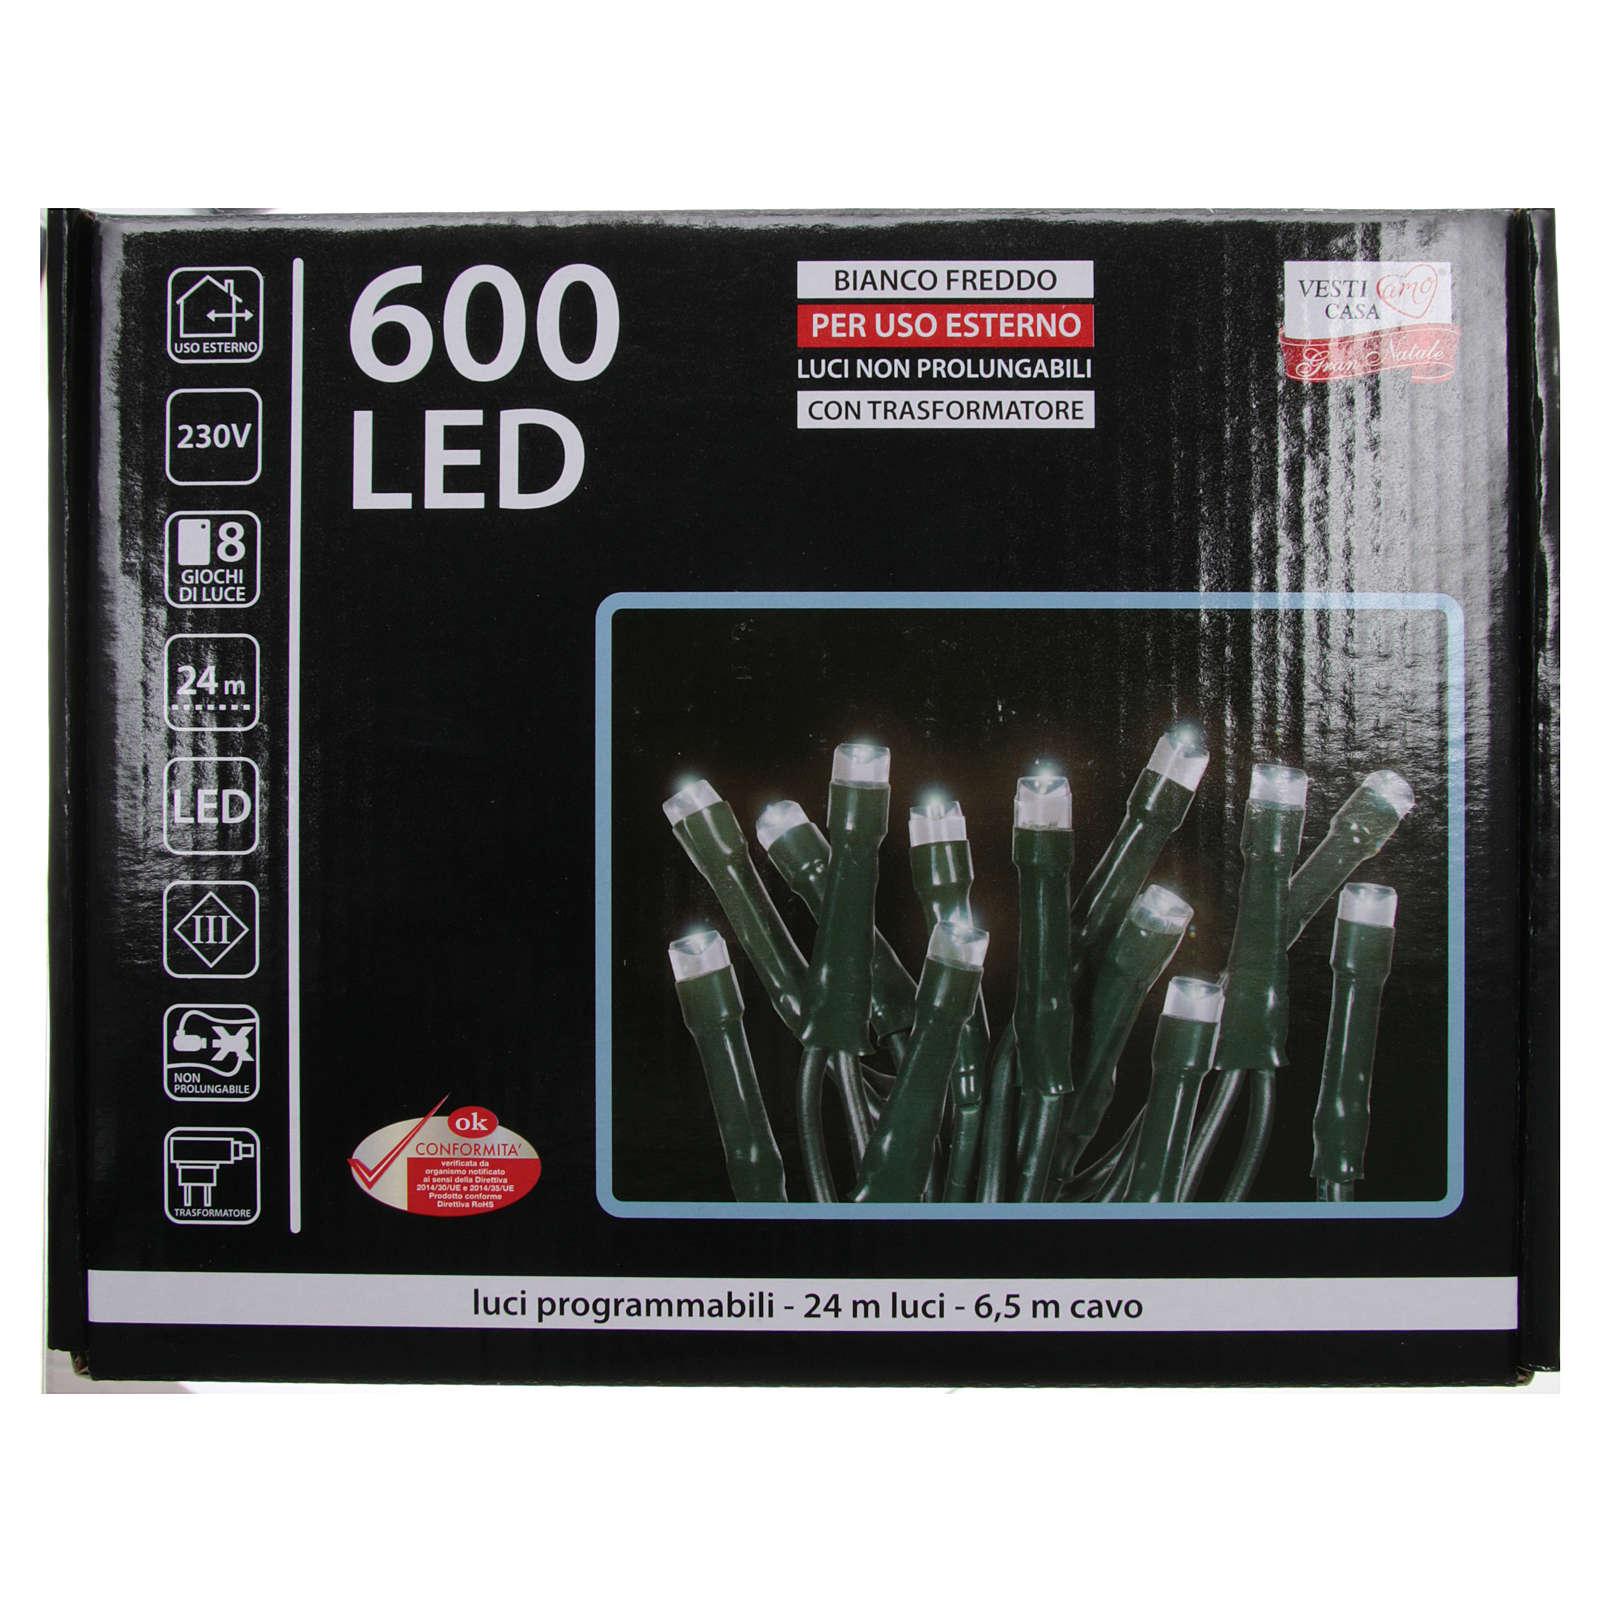 Luce Natale catena 600 LED bianco ghiaccio ESTERNO programmabili 3